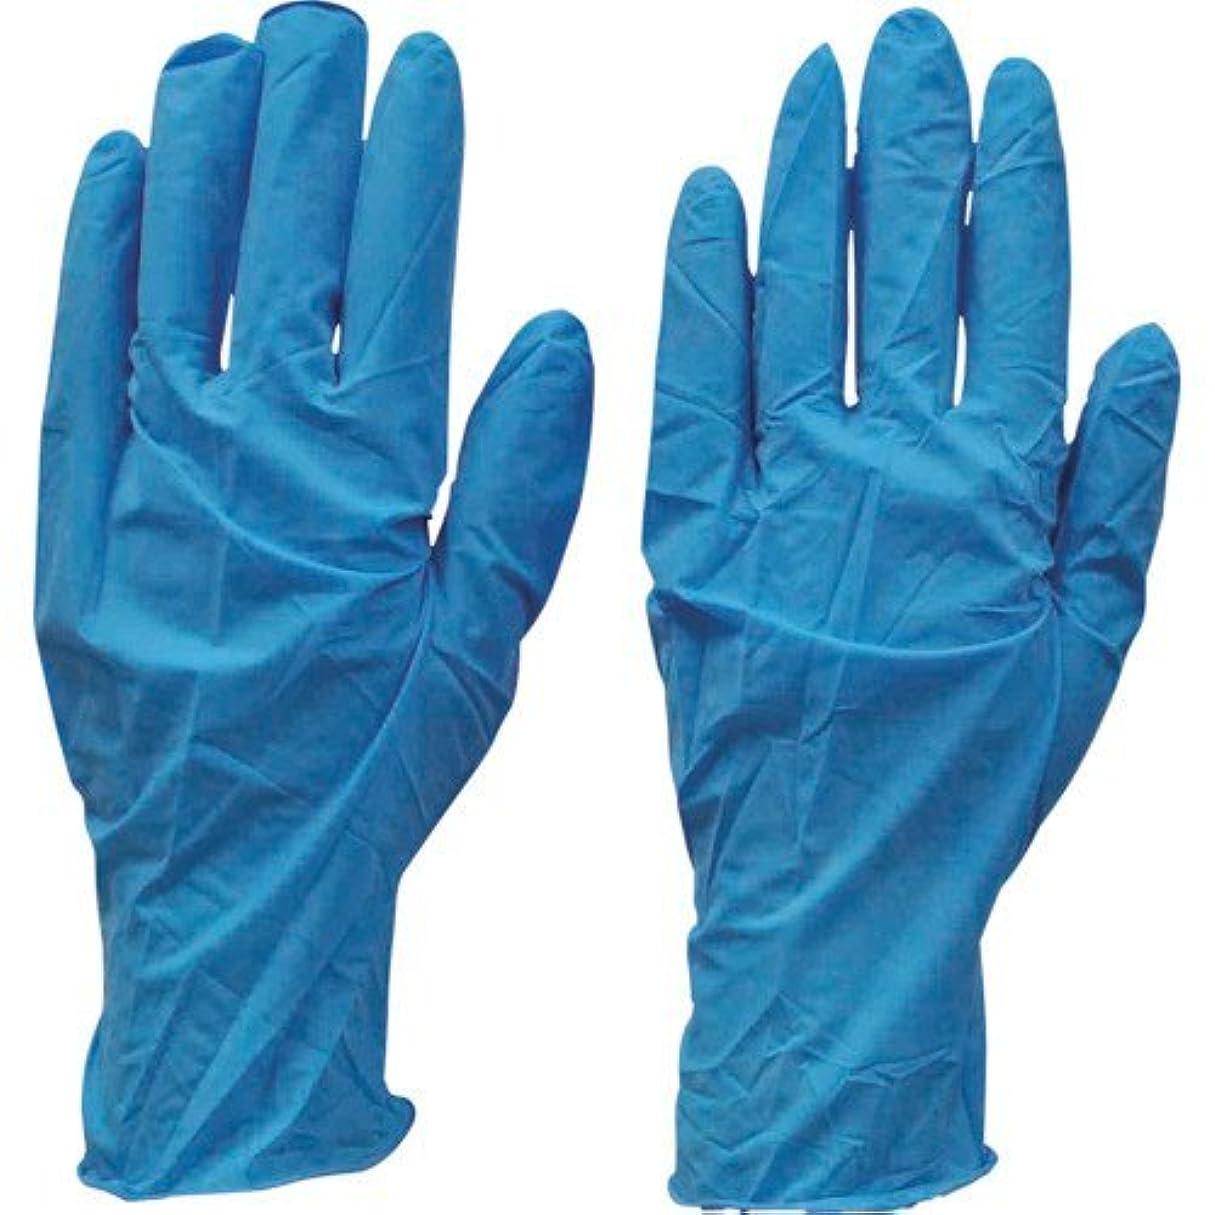 祭りエイリアス株式会社ダンロップ N-211 天然ゴム極うす手袋100枚入 Lブルー N211LB